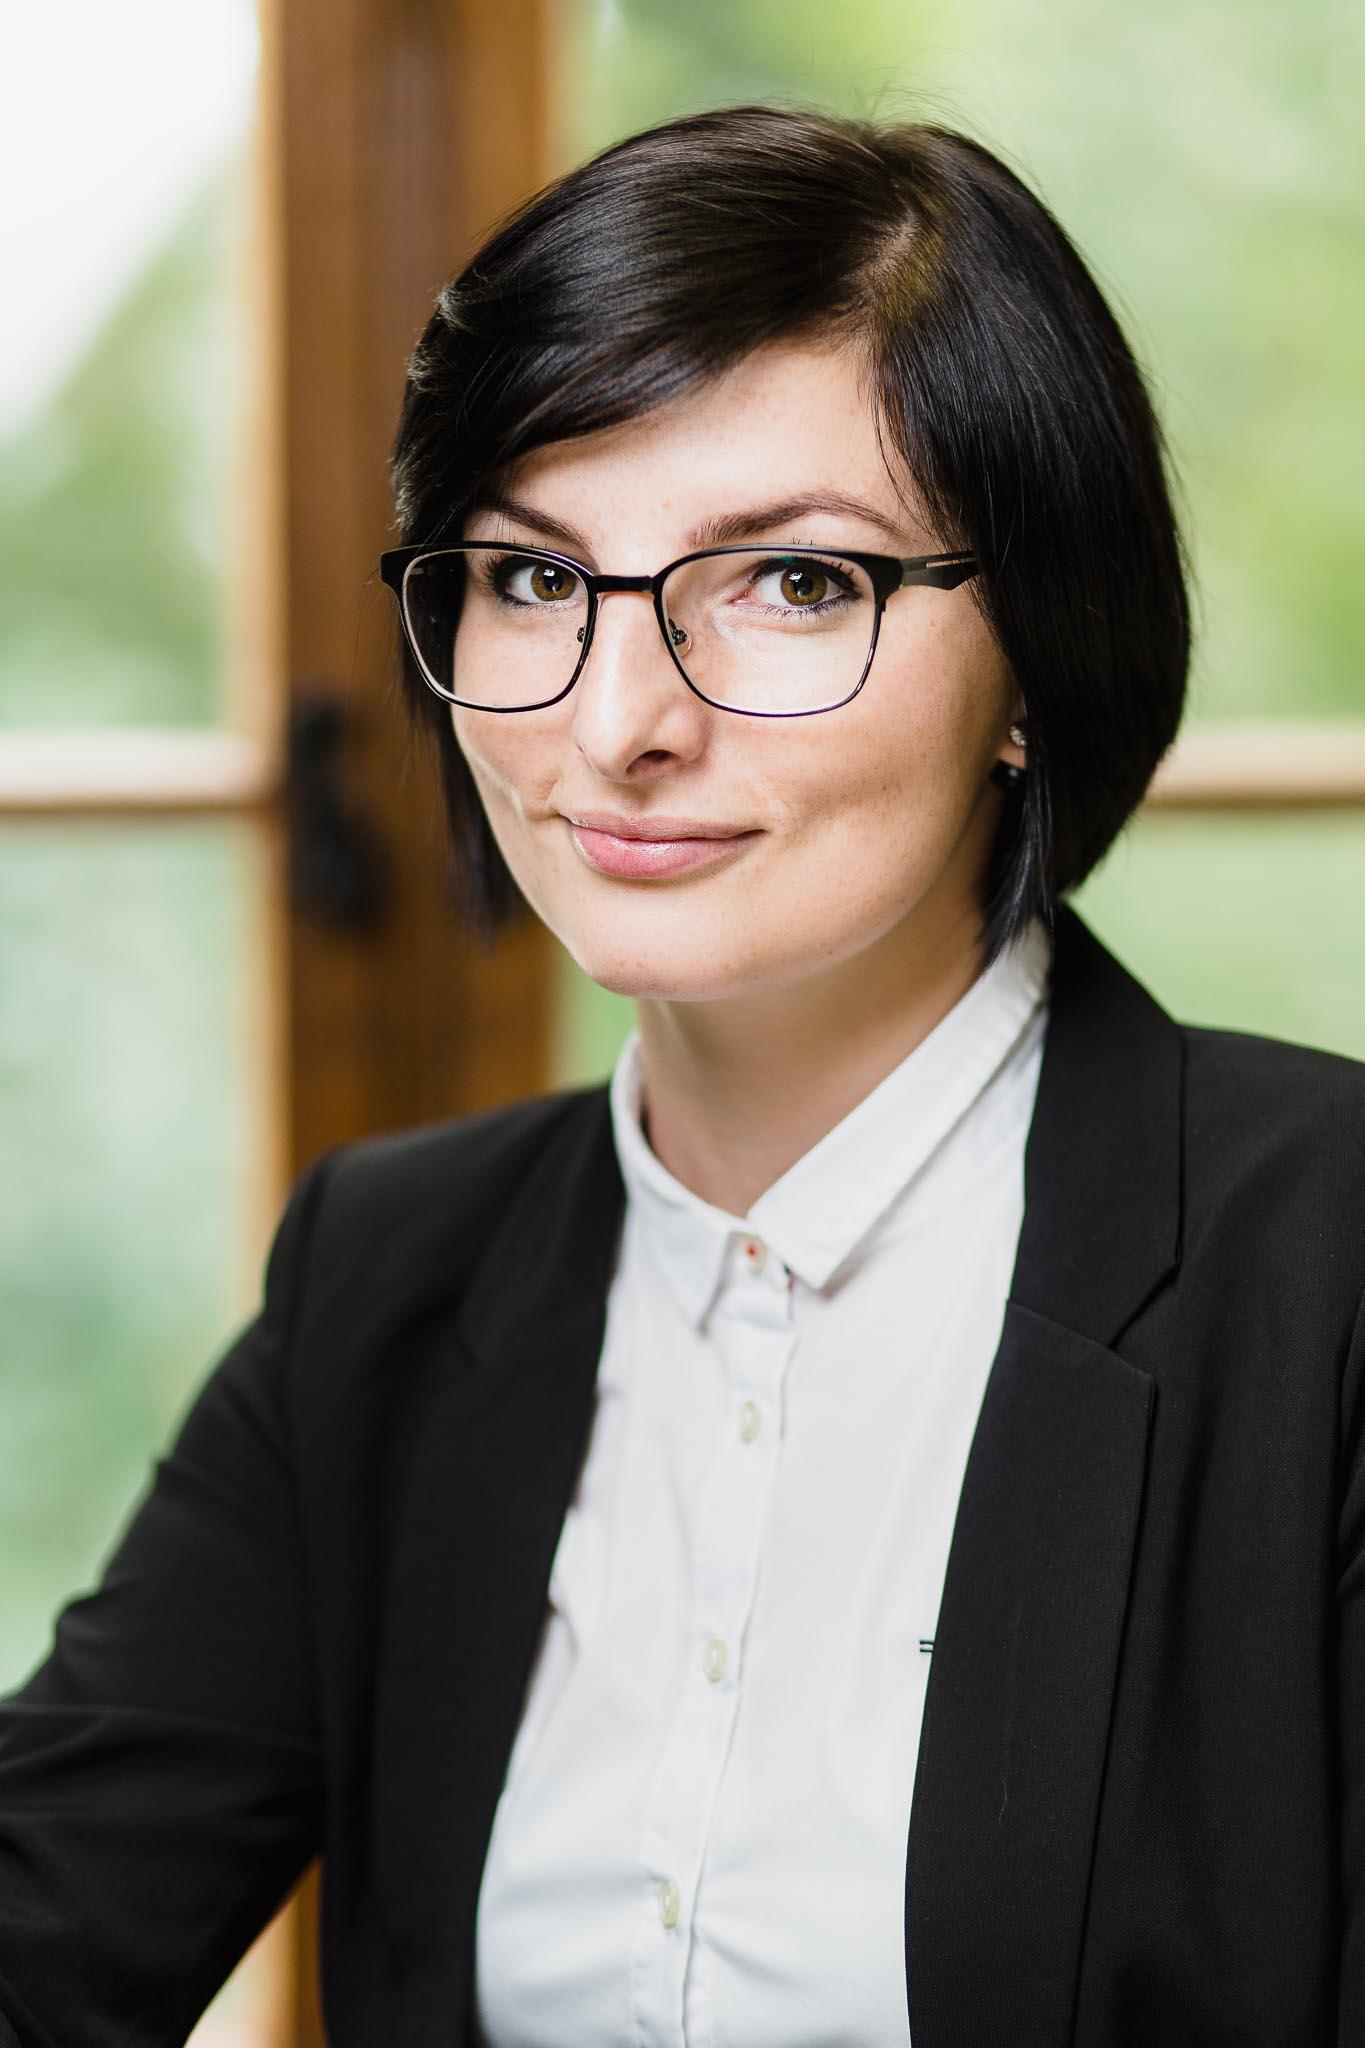 Markus Schneeberger Businessfotografie - markus schneeberger photography vesecon 050 Bearbeitet - Businessportrait